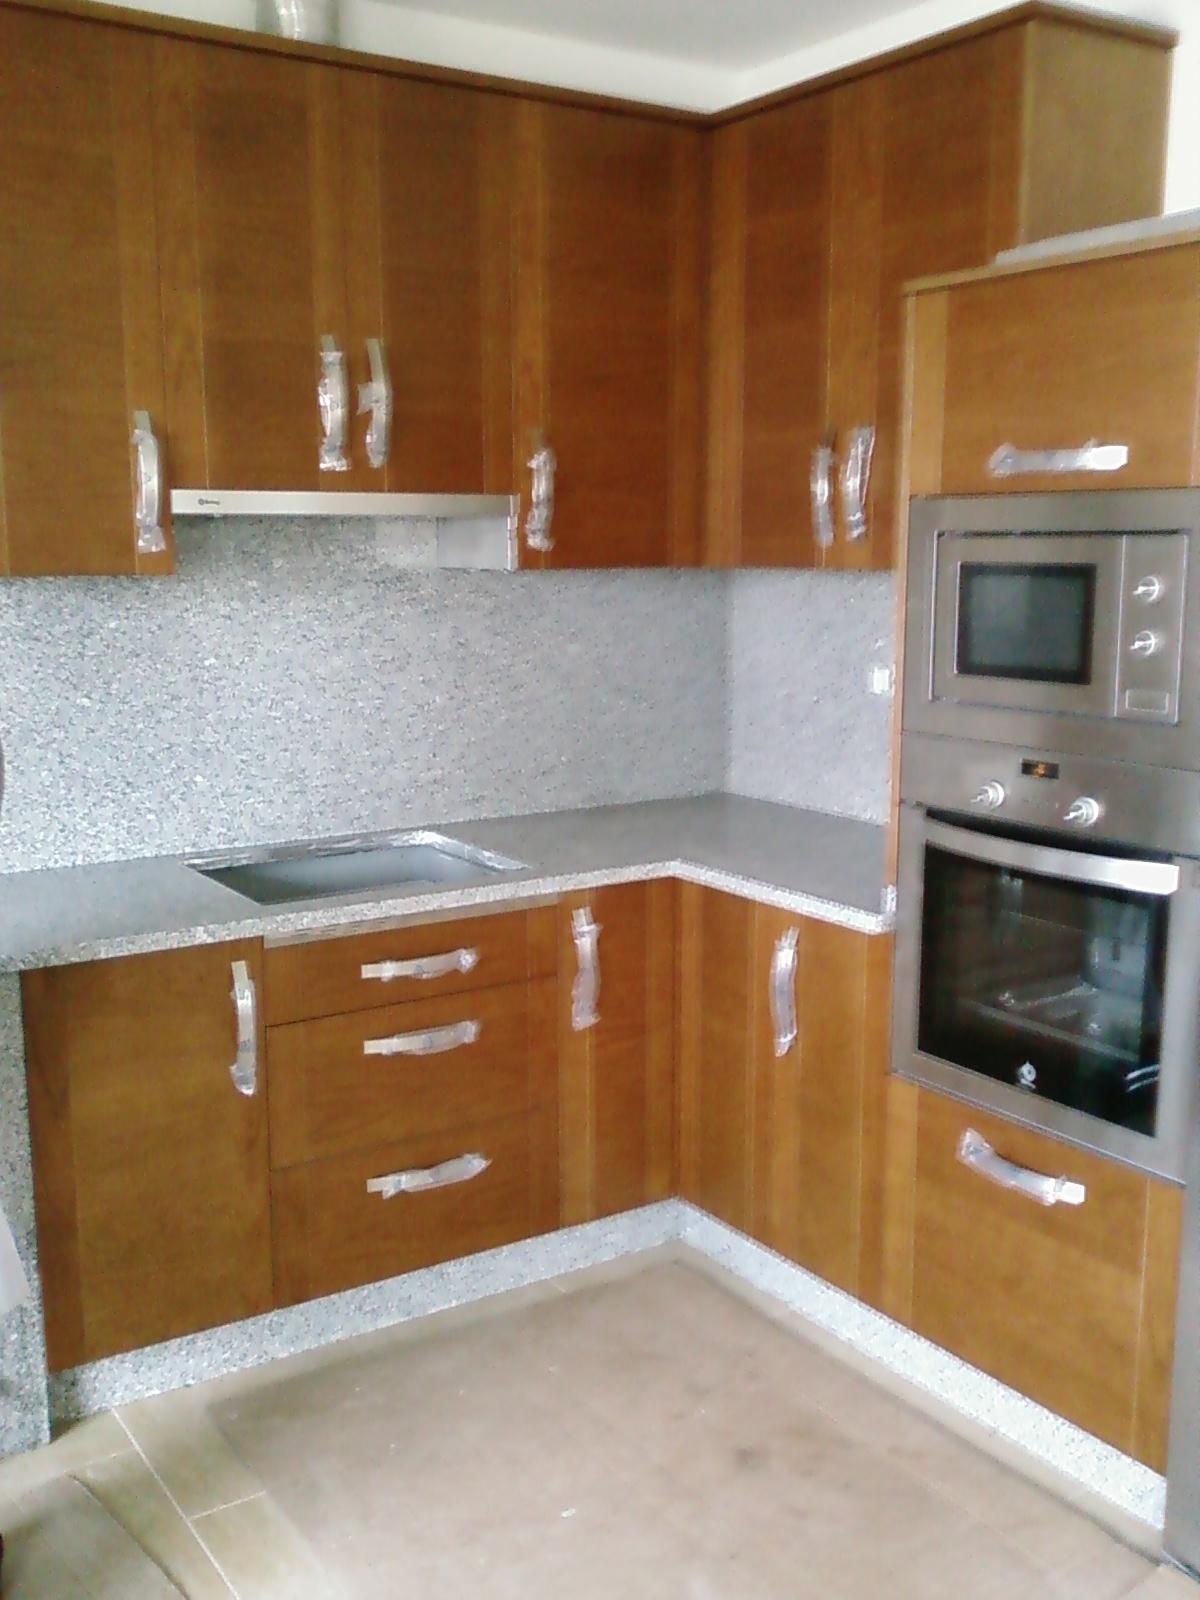 Encimeras de cocina y ba o tecnigranit for Encimeras de cocina